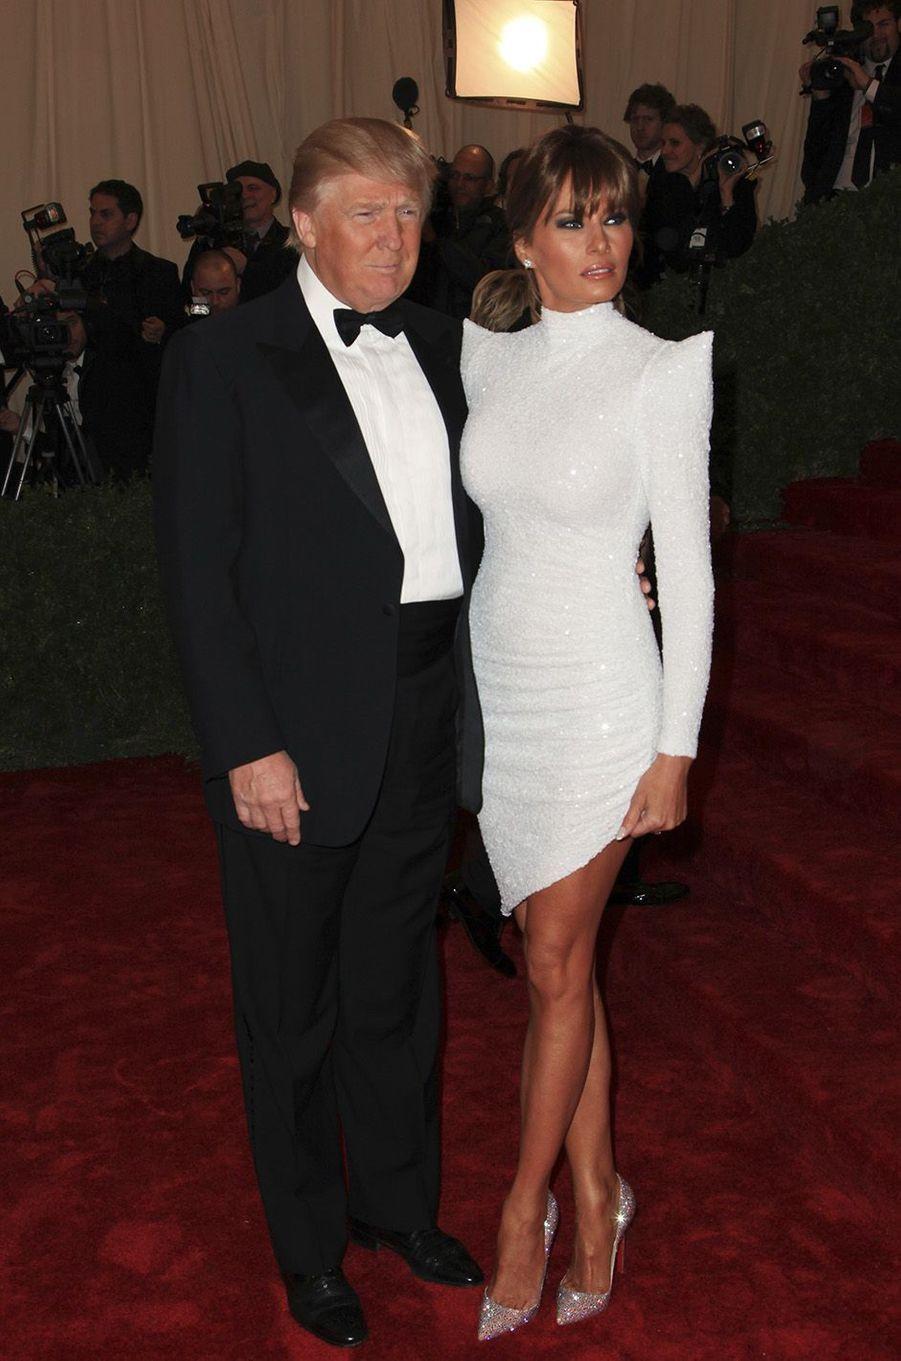 Donald et Melania Trump au MET ball Gala, à New York, mai 2012.